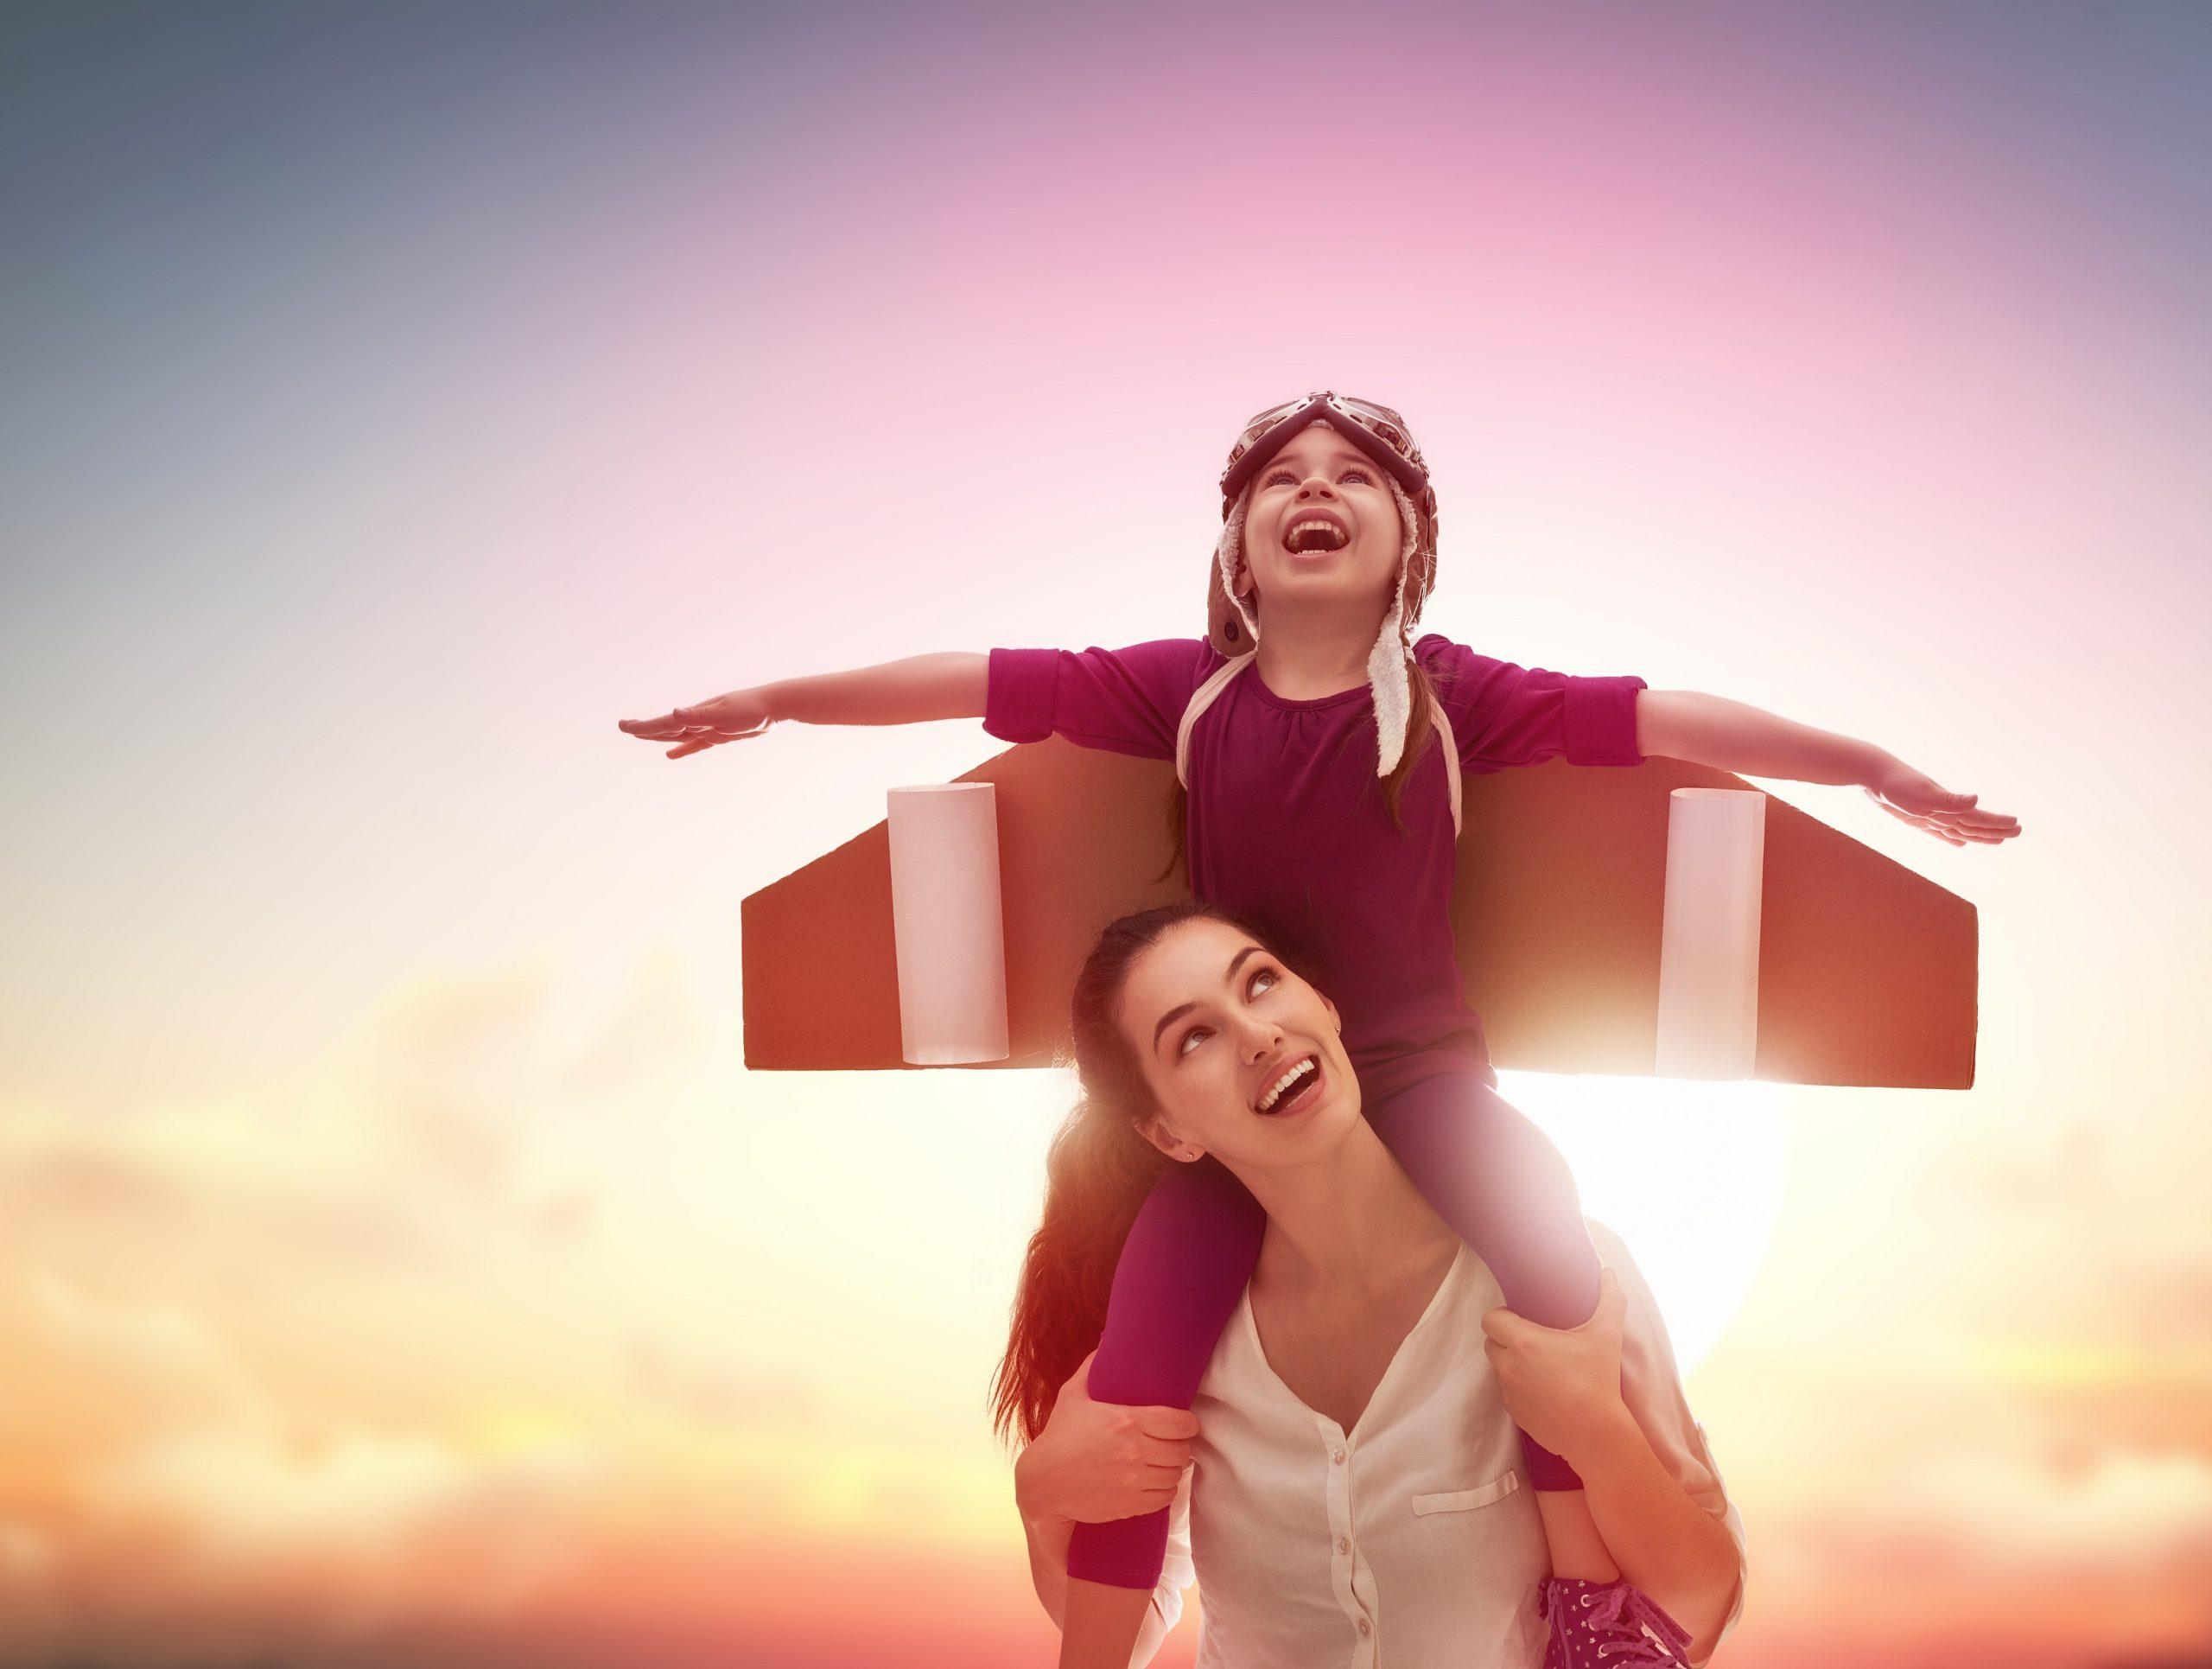 Amprentele copilariei: cum ne influenteaza aceasta perioada intreaga viata?